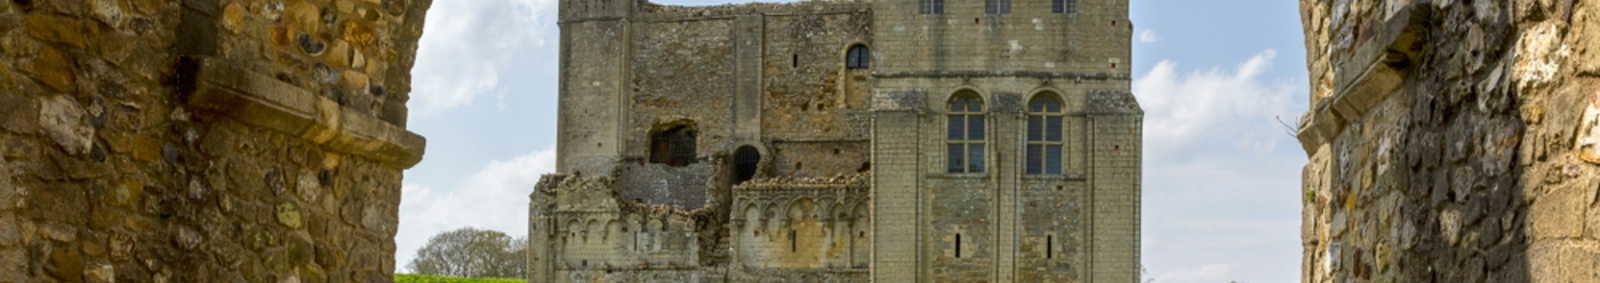 castle_rising_castle_kings_lynn